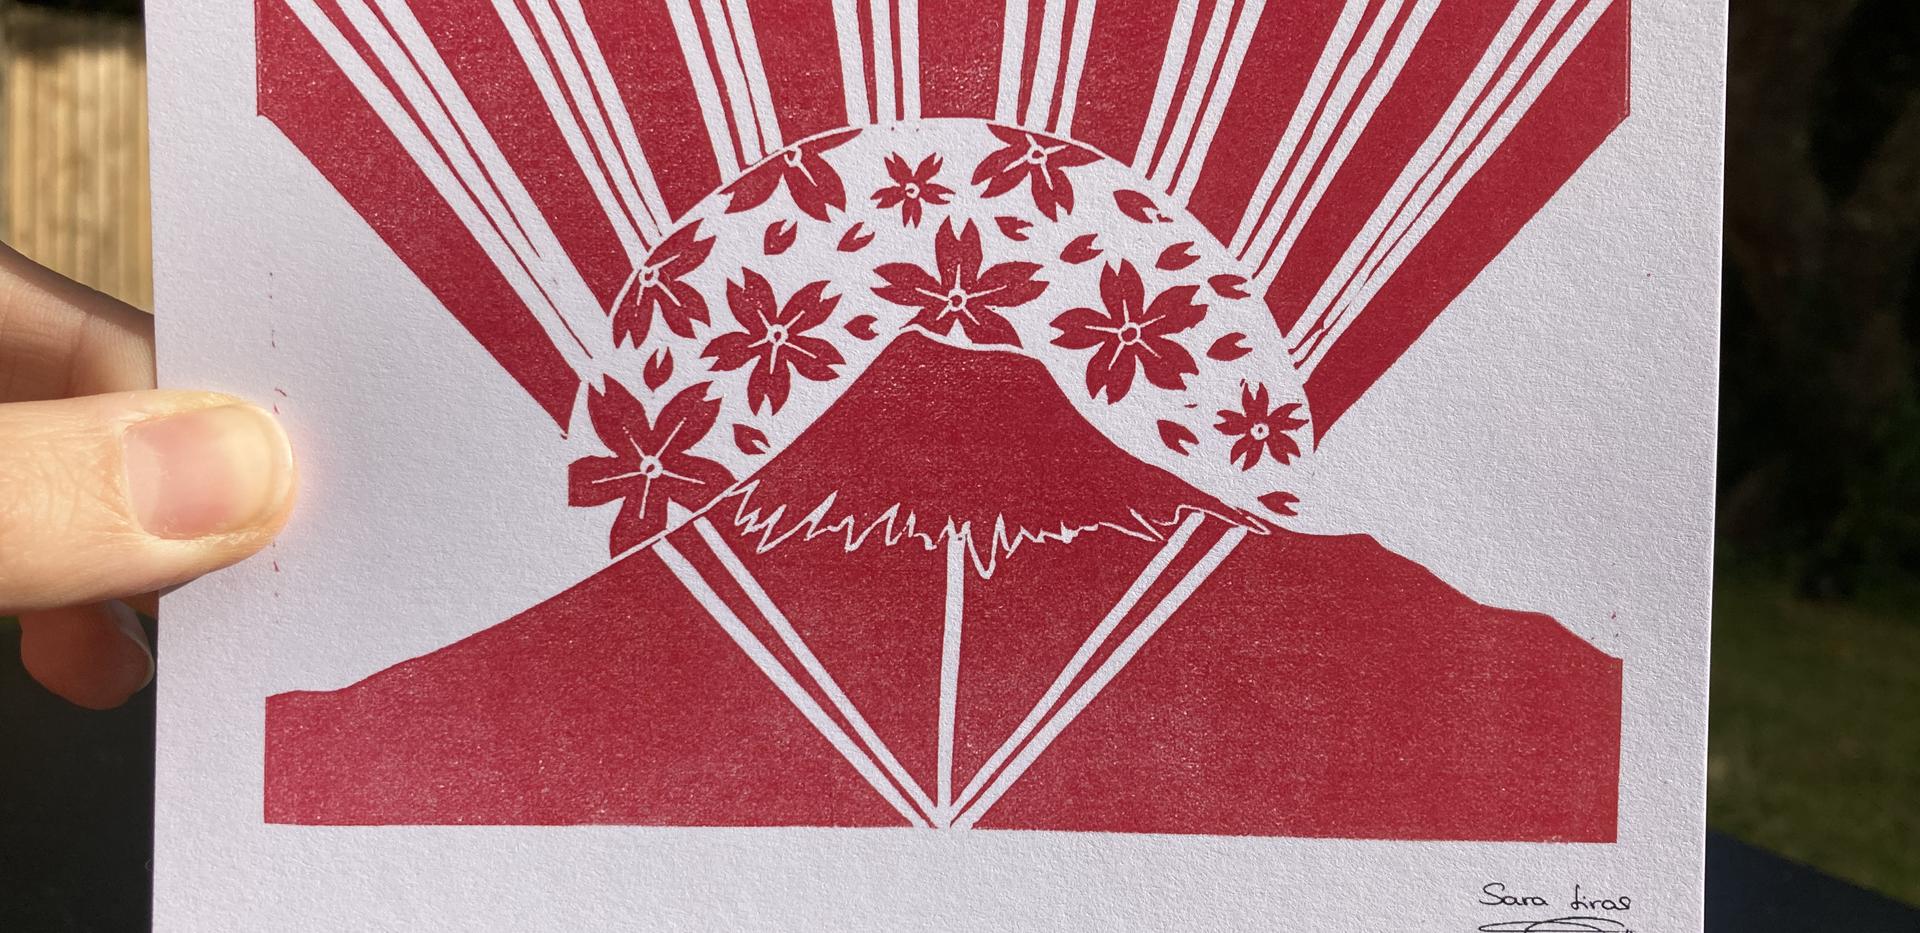 Sakura Sun Fuji-san